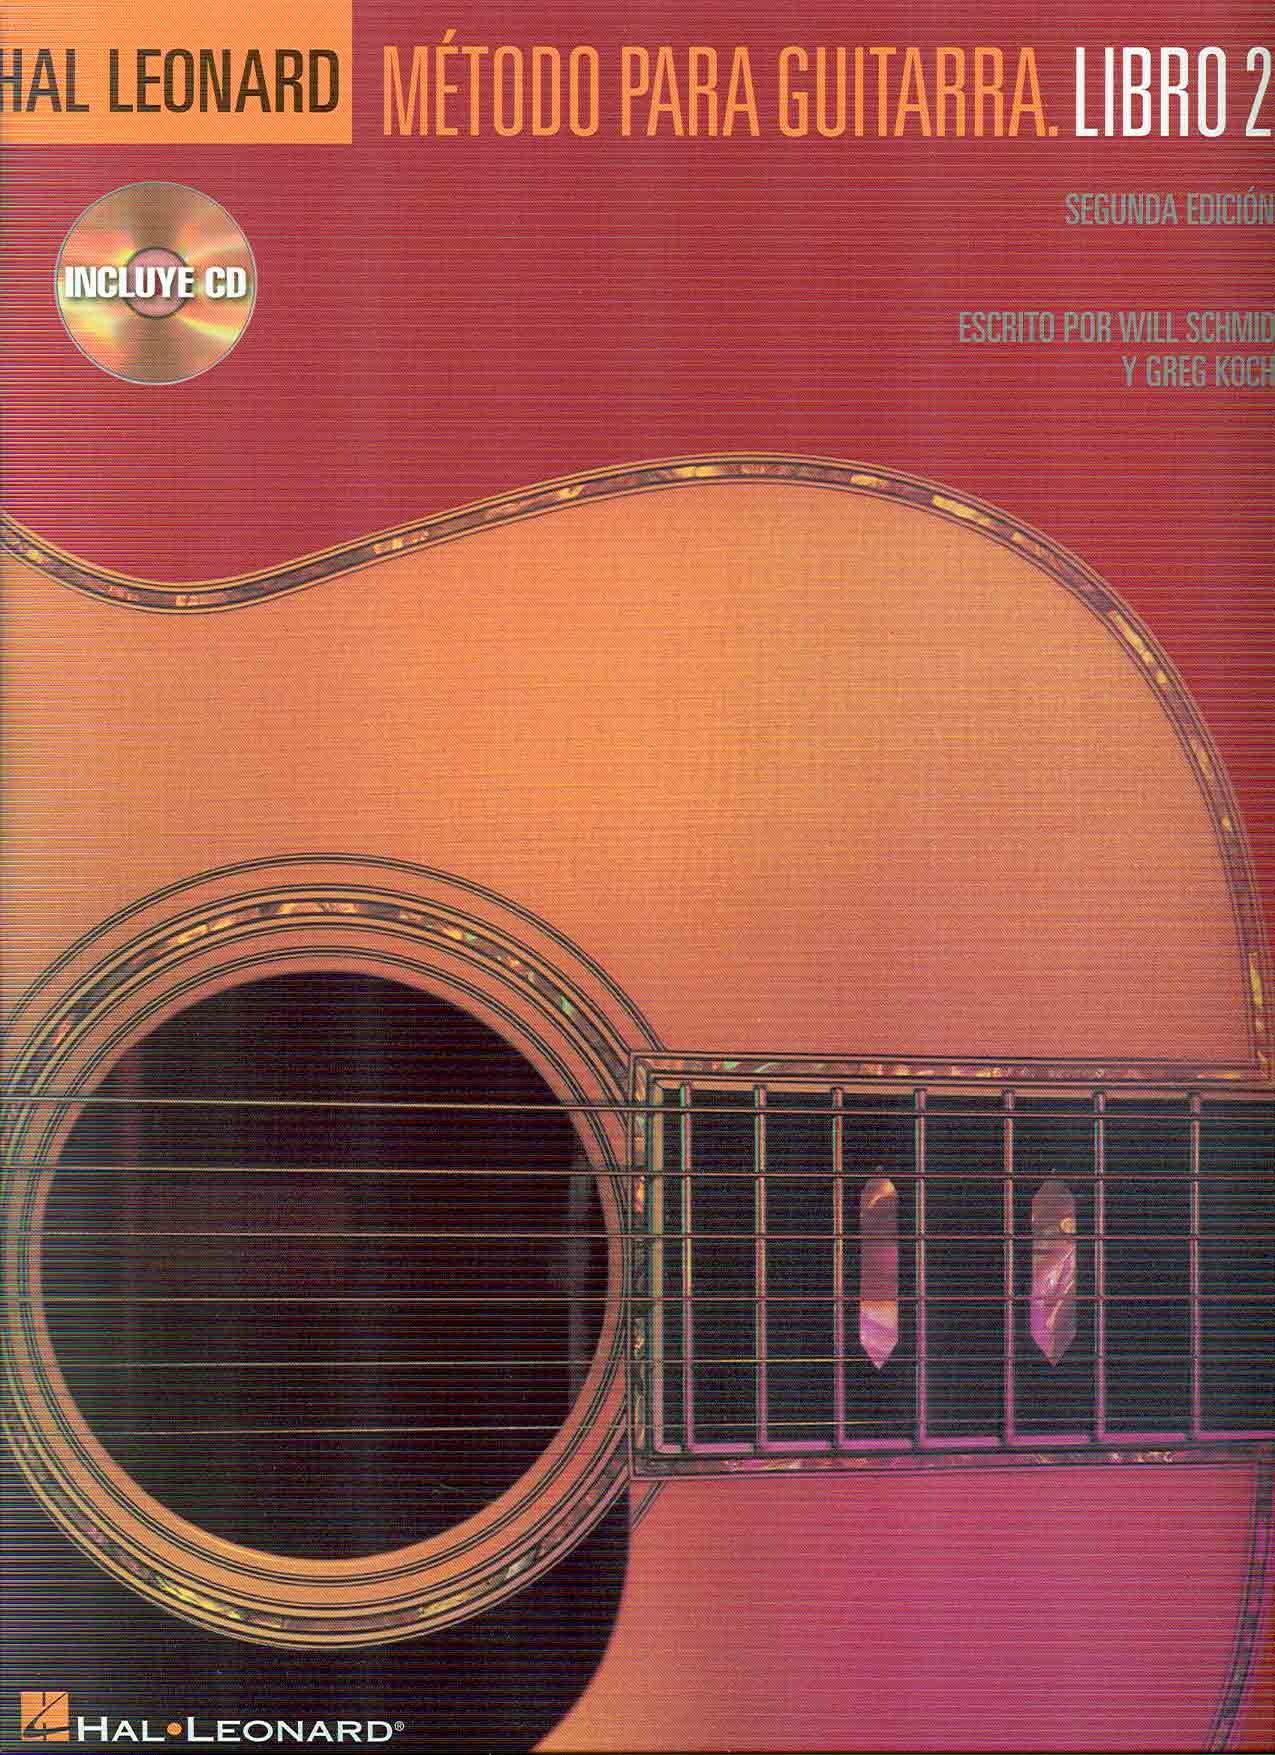 HAL LEONARD - Guitar Method Vol.2 para Guitarra Clasica Libro y CD W.Schmid/G.Koch Ed.Español: Amazon.es: HAL LEONARD: Libros